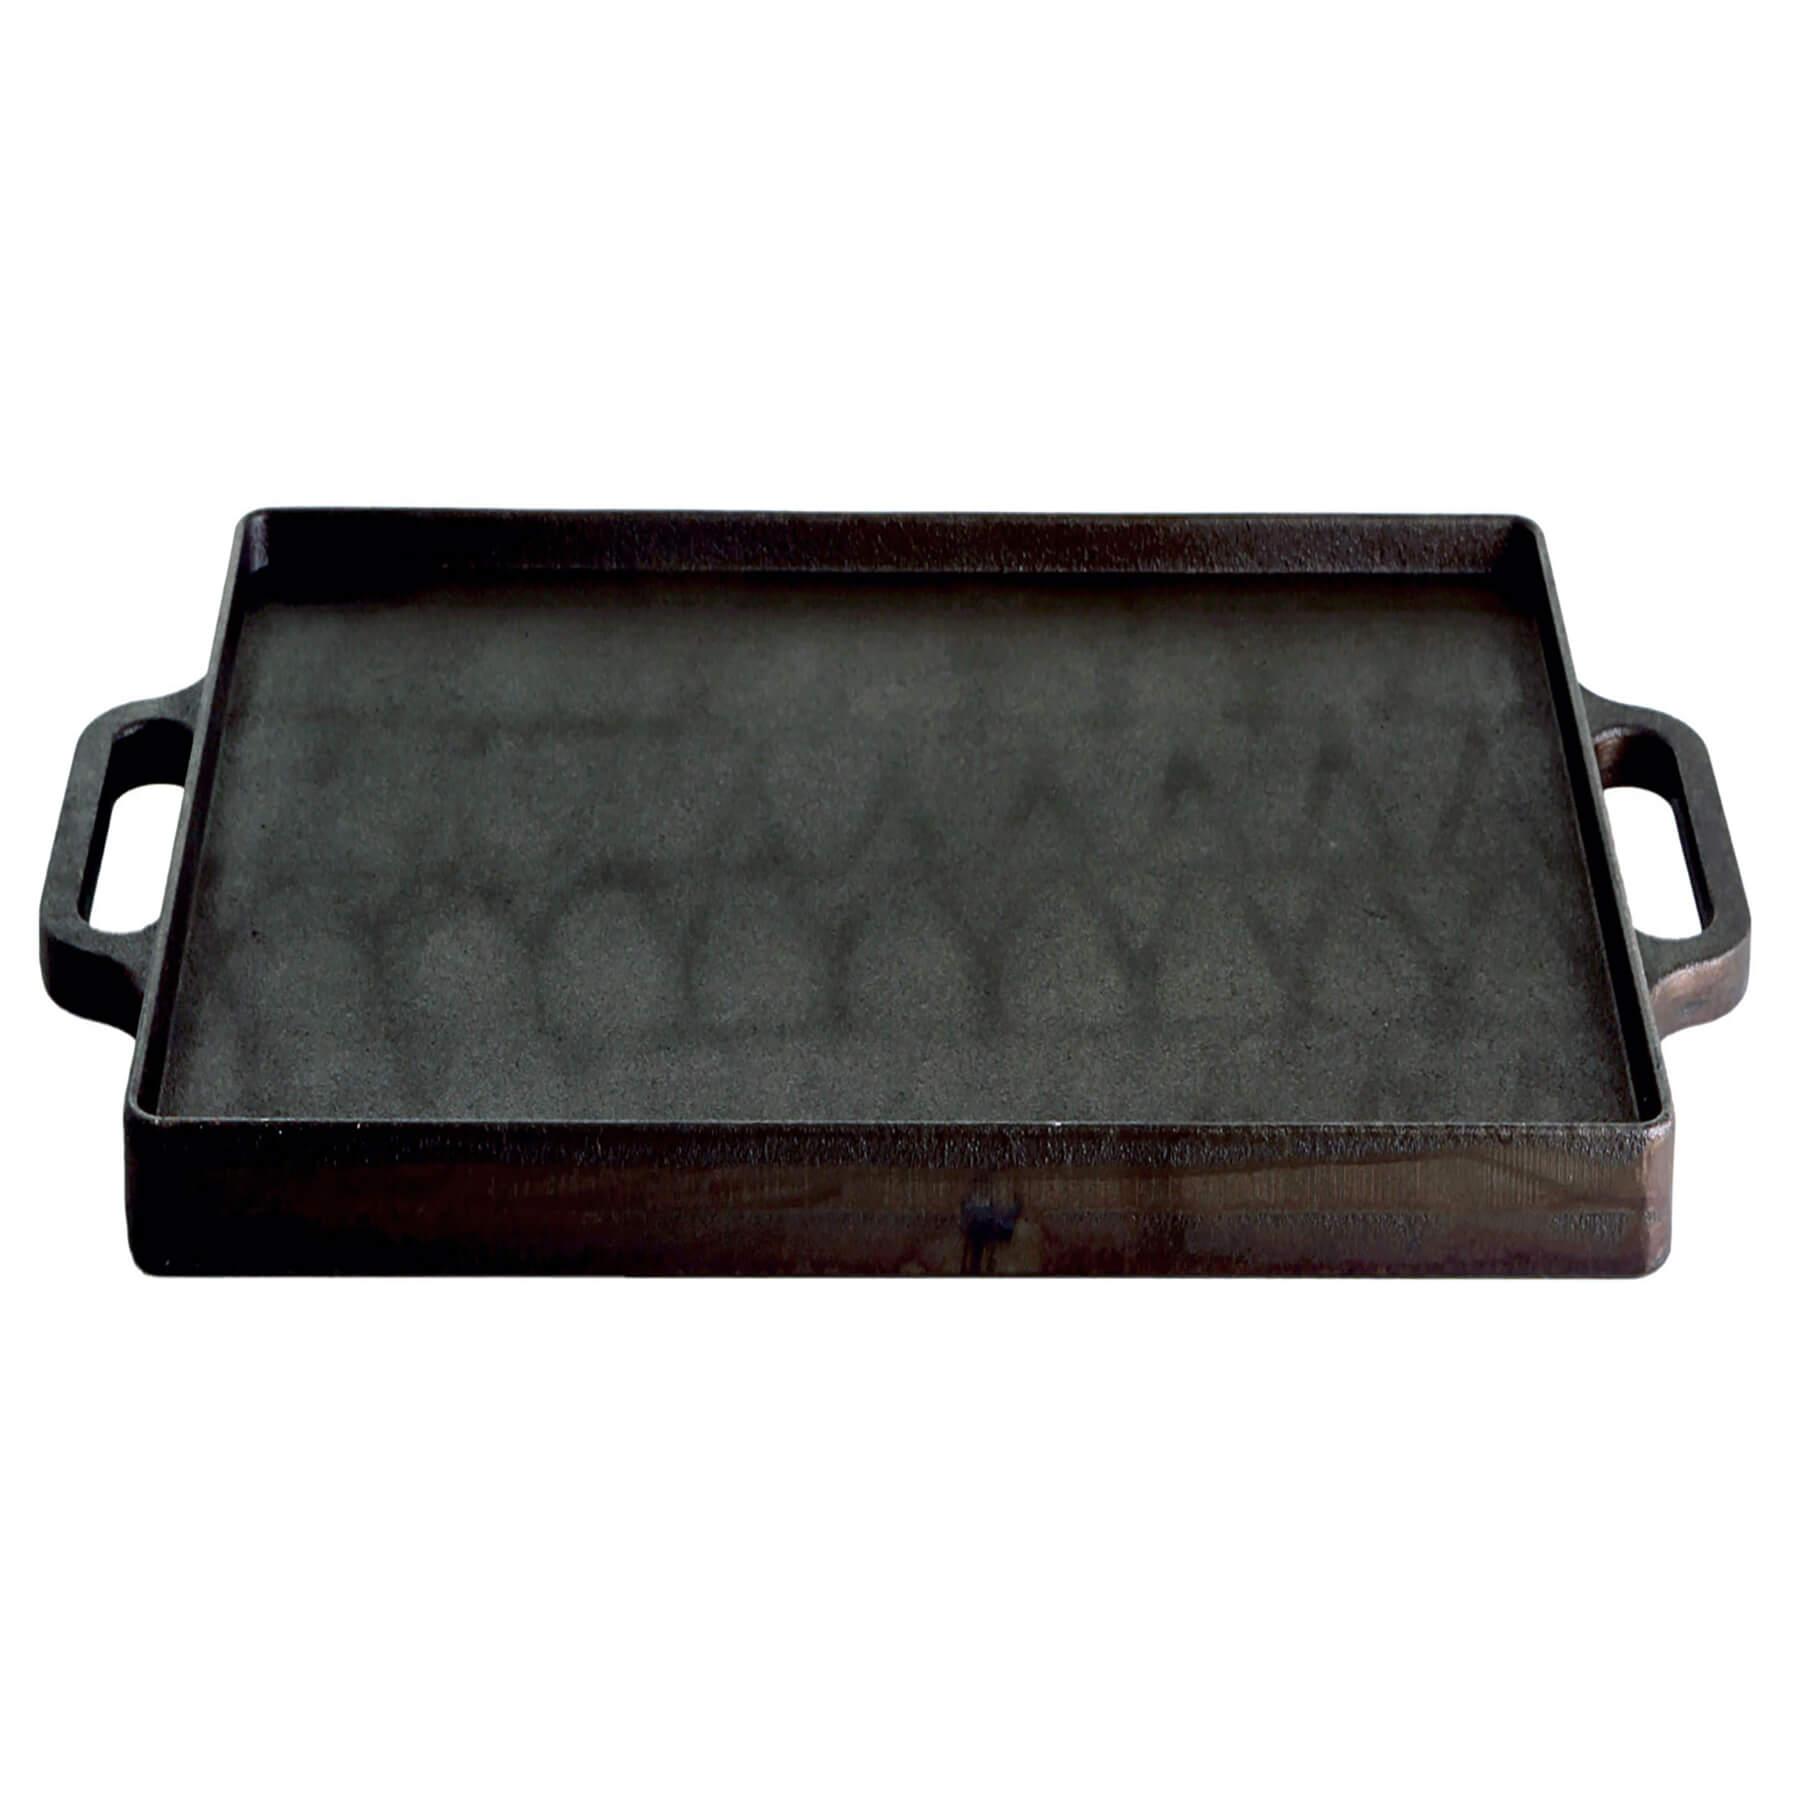 Grillplatte (Plancha) aus Gusseisen, 38 x 38 cm Bild 1